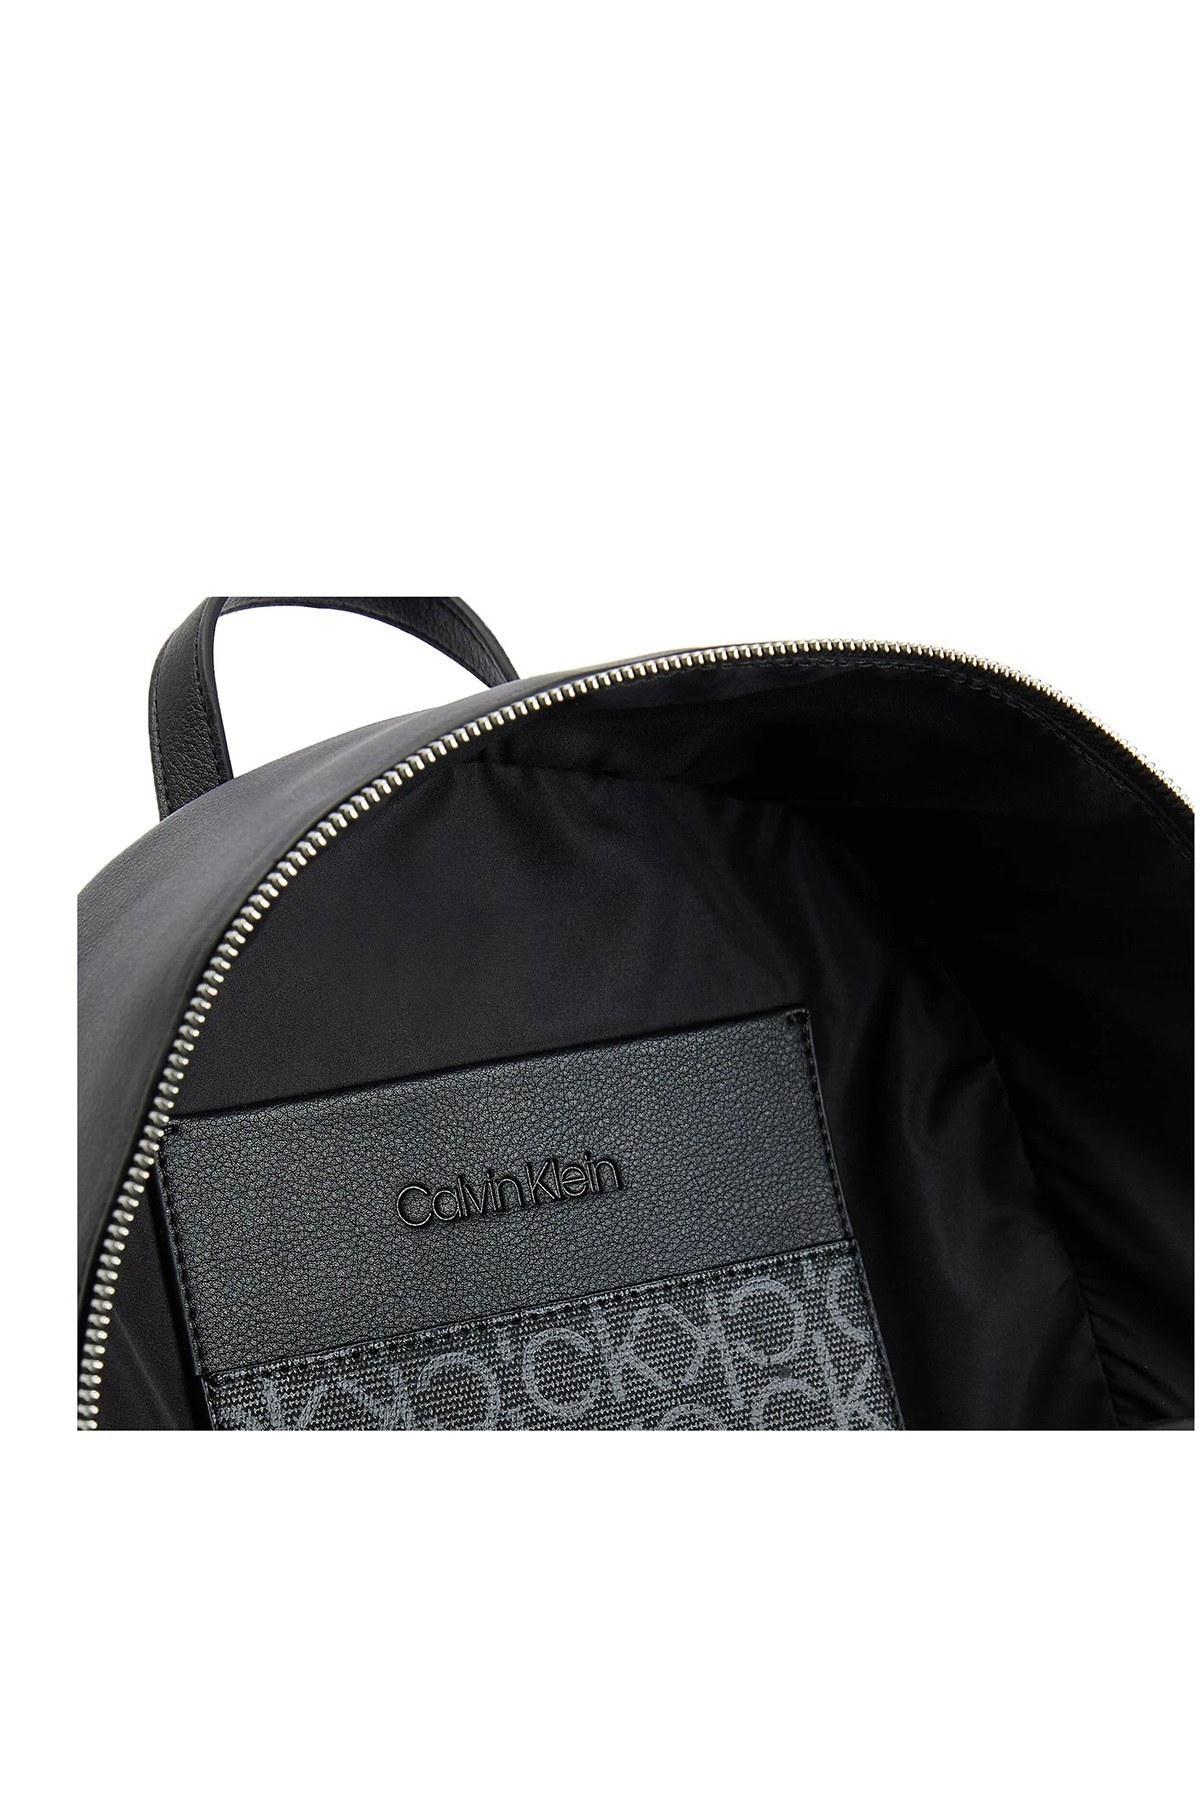 Calvin Klein Ayarlanabilir Omuz Askılı Bayan Çanta K60K607889 BAX SİYAH